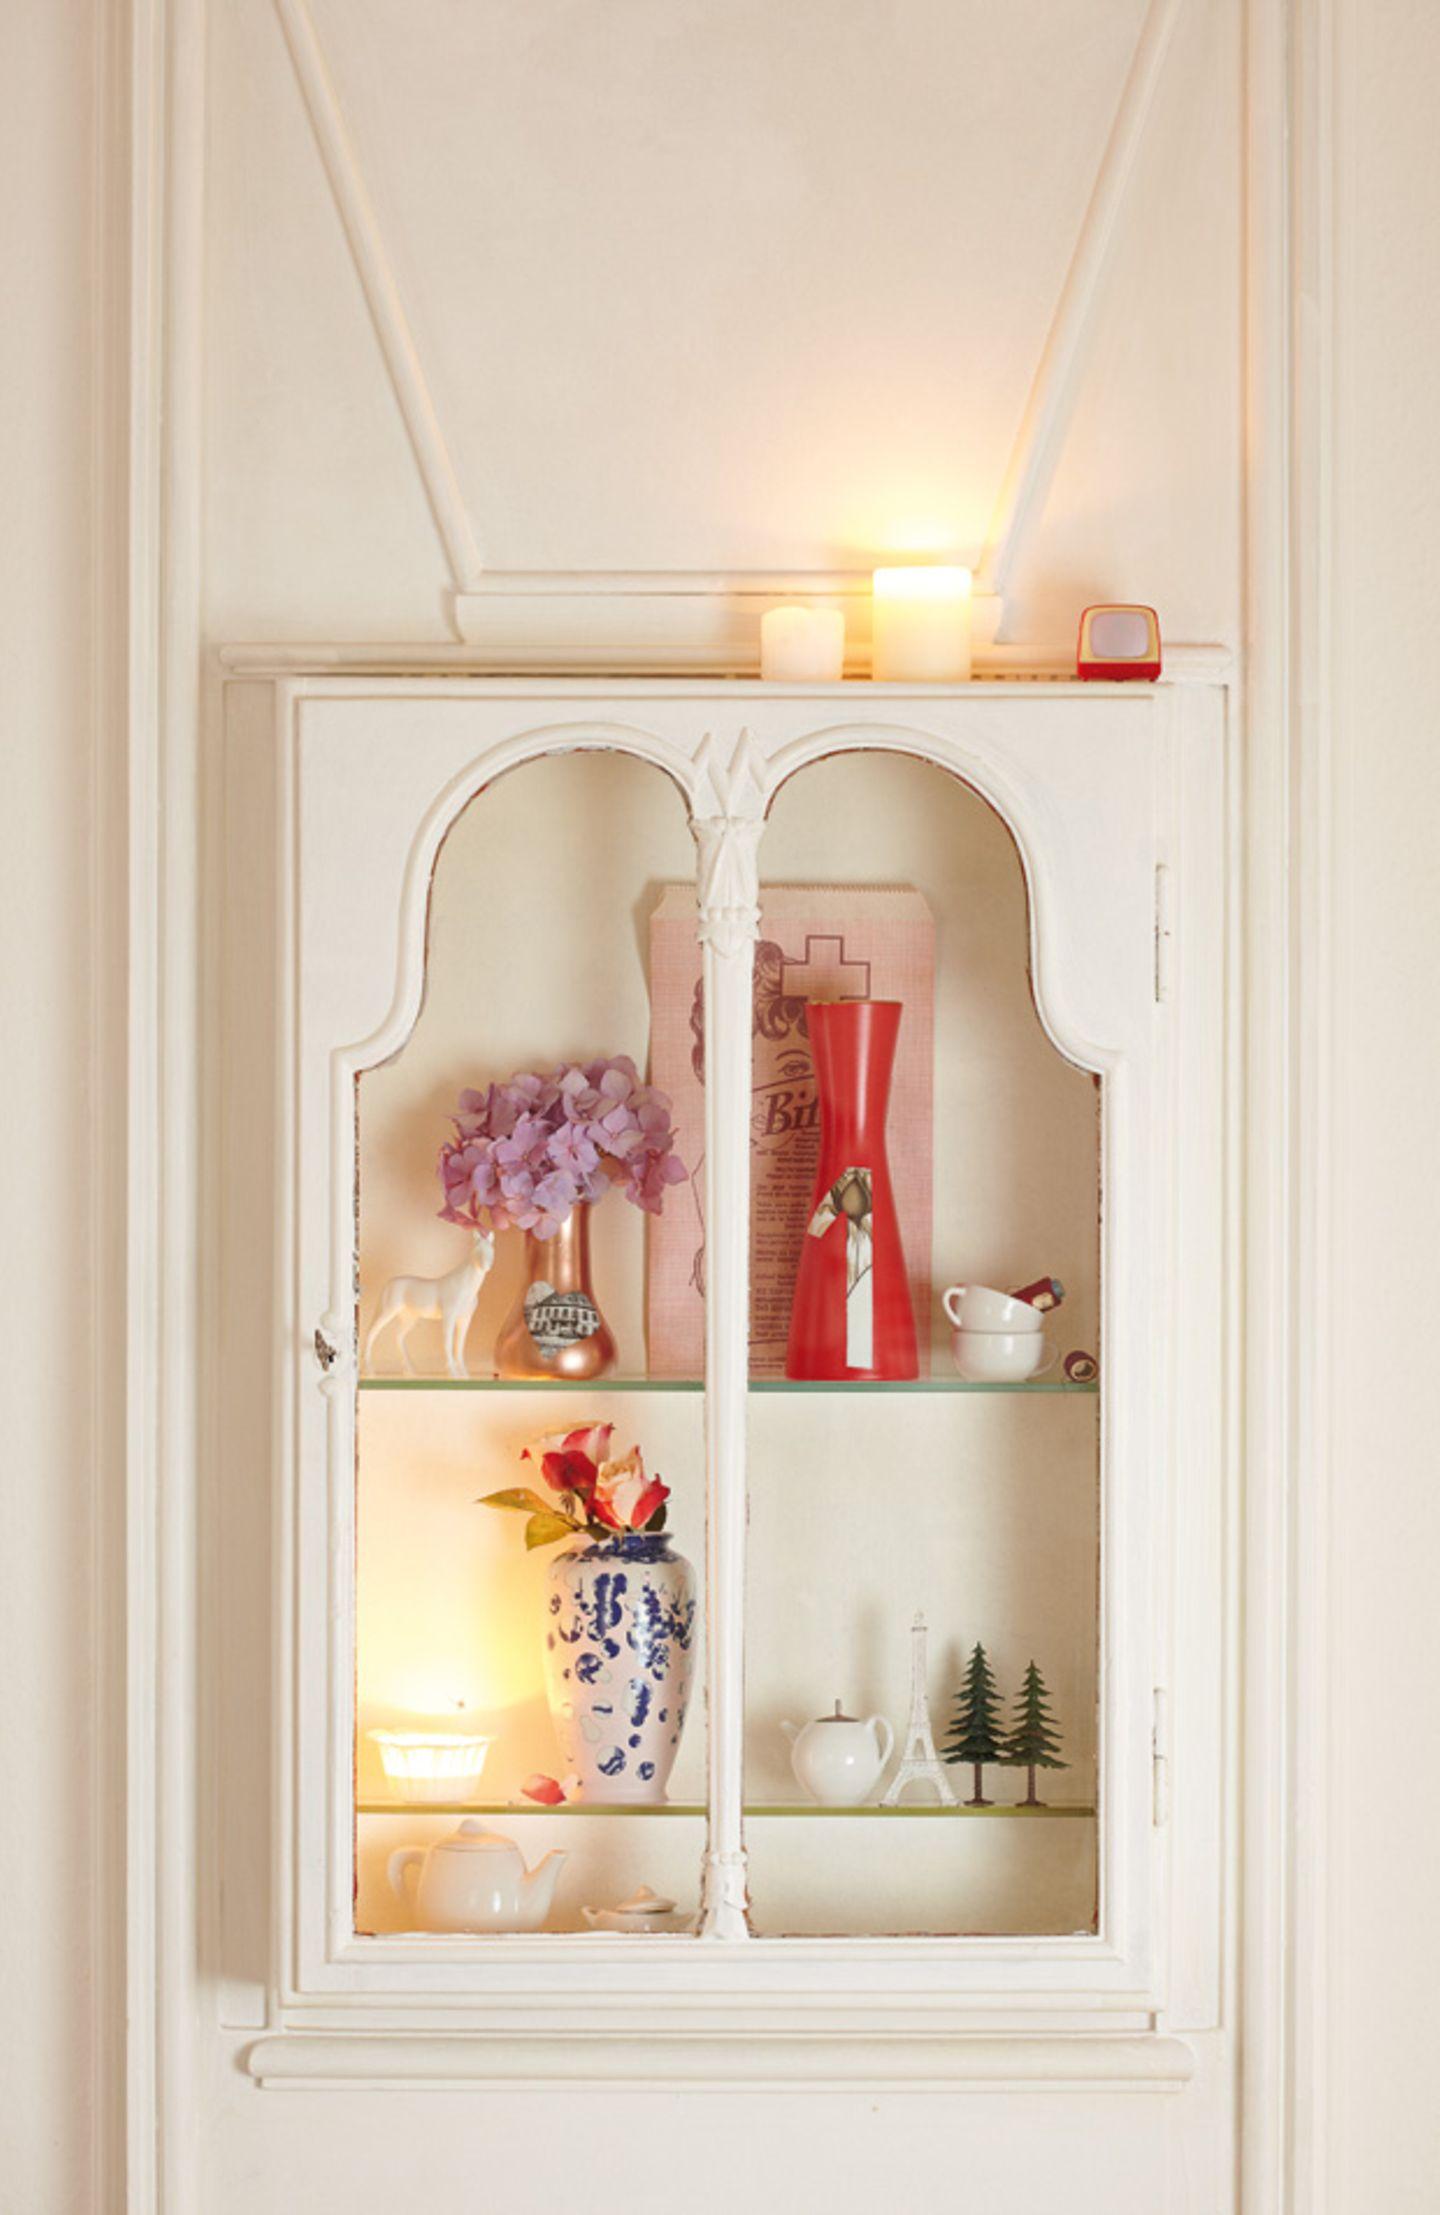 Vasen besprühen - einfache DIY-Idee